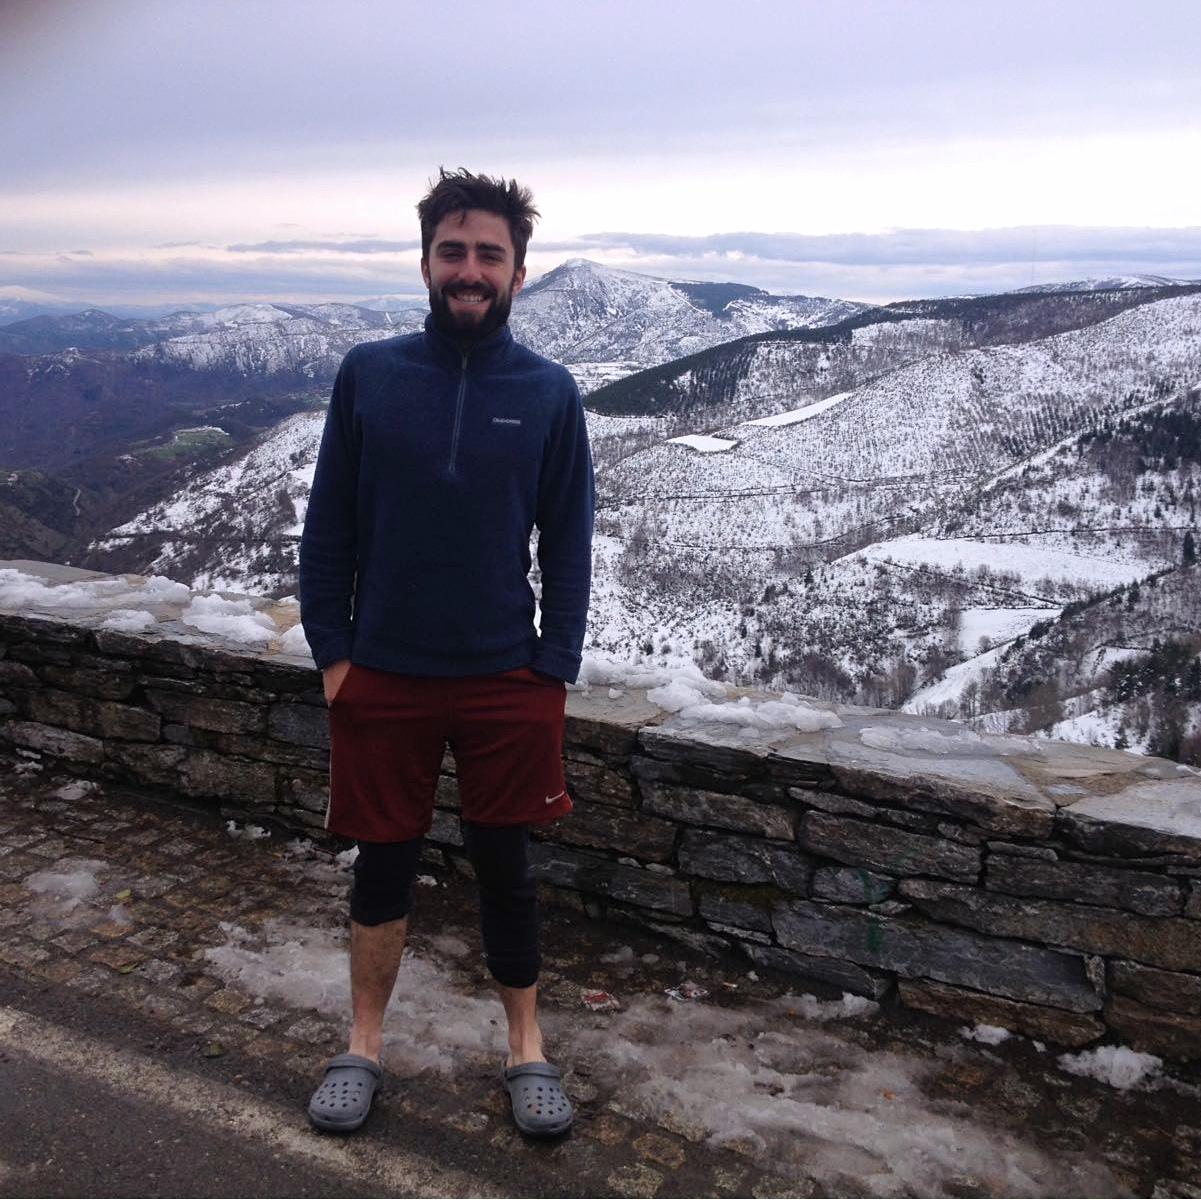 Daniel on Camino de Santiago de Compostela 2